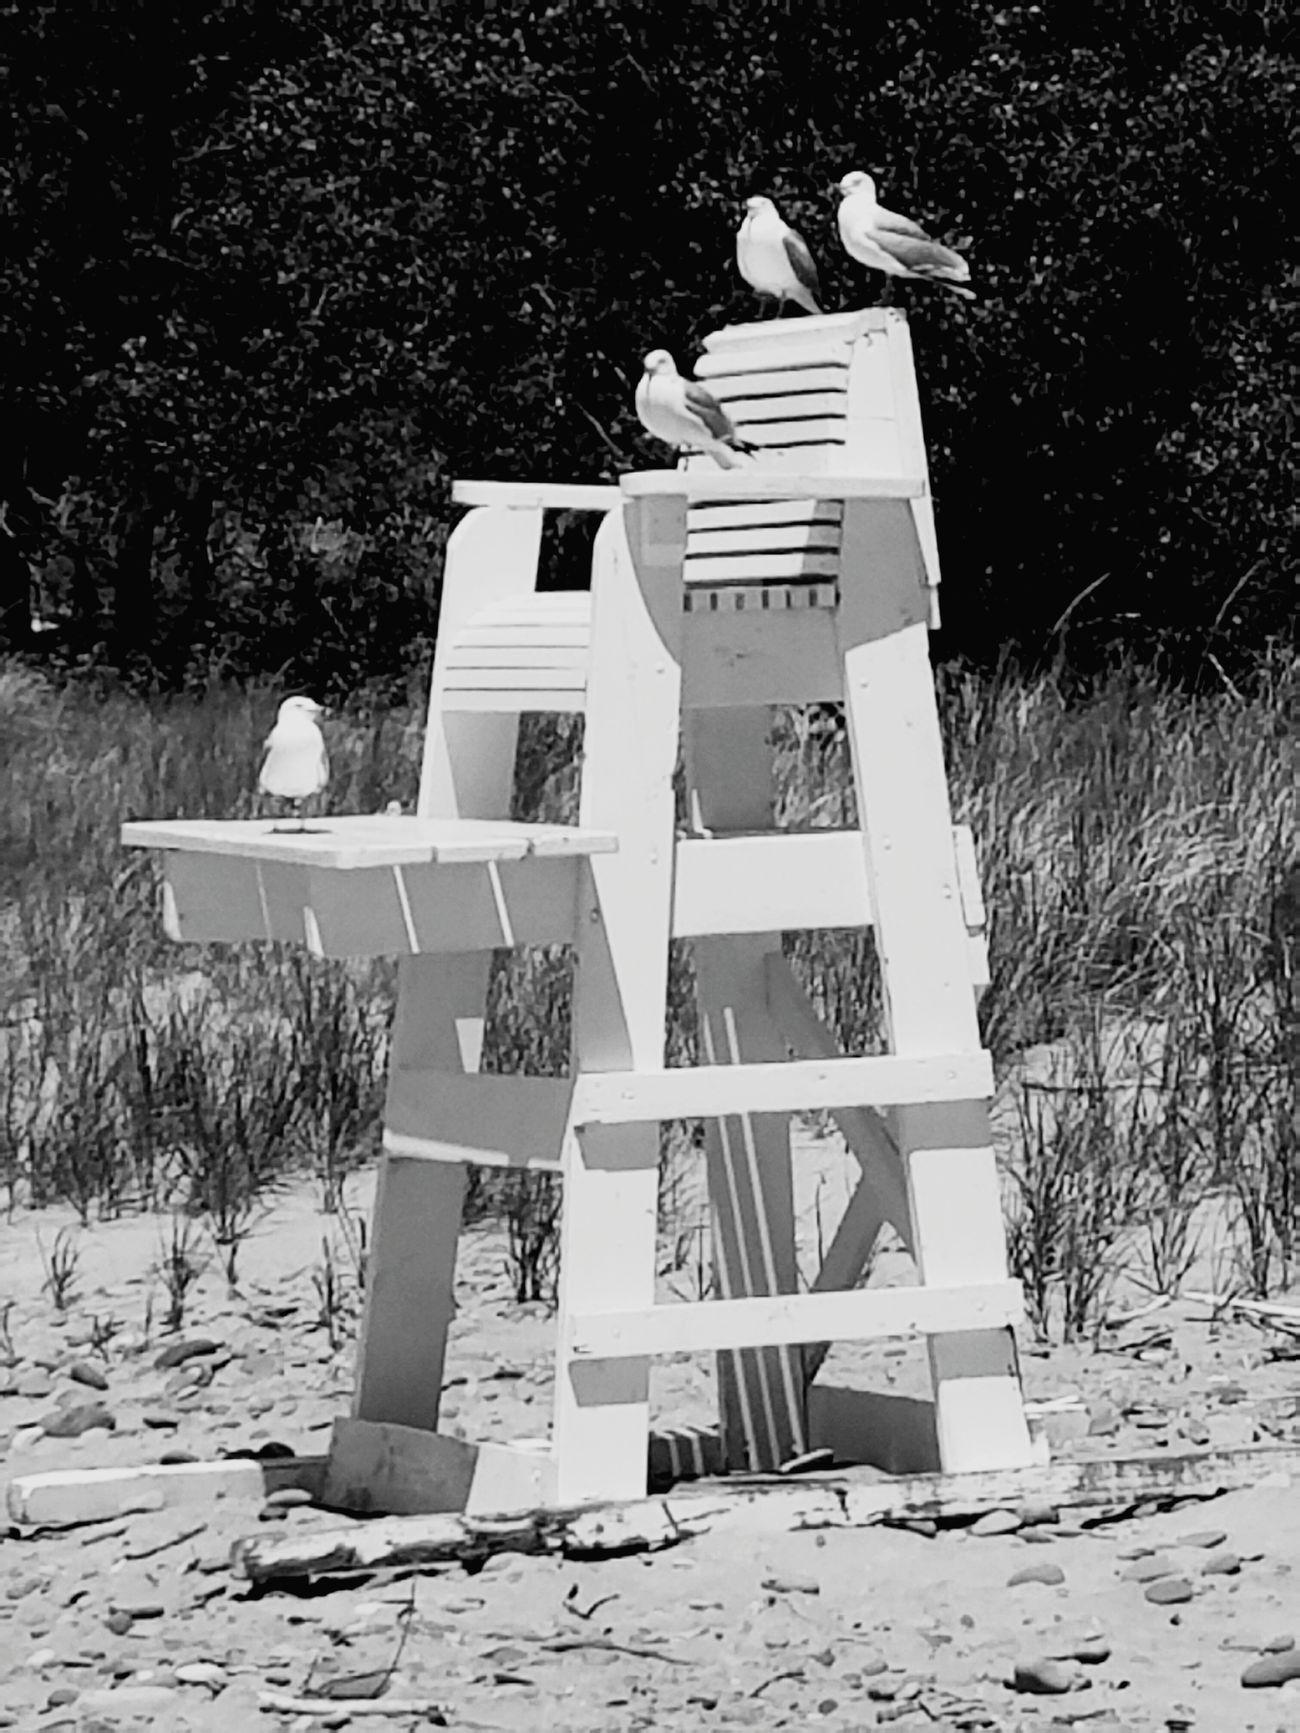 Beach, Chair, Seagull, Birds, Lifeguard, Lifeguard Chair